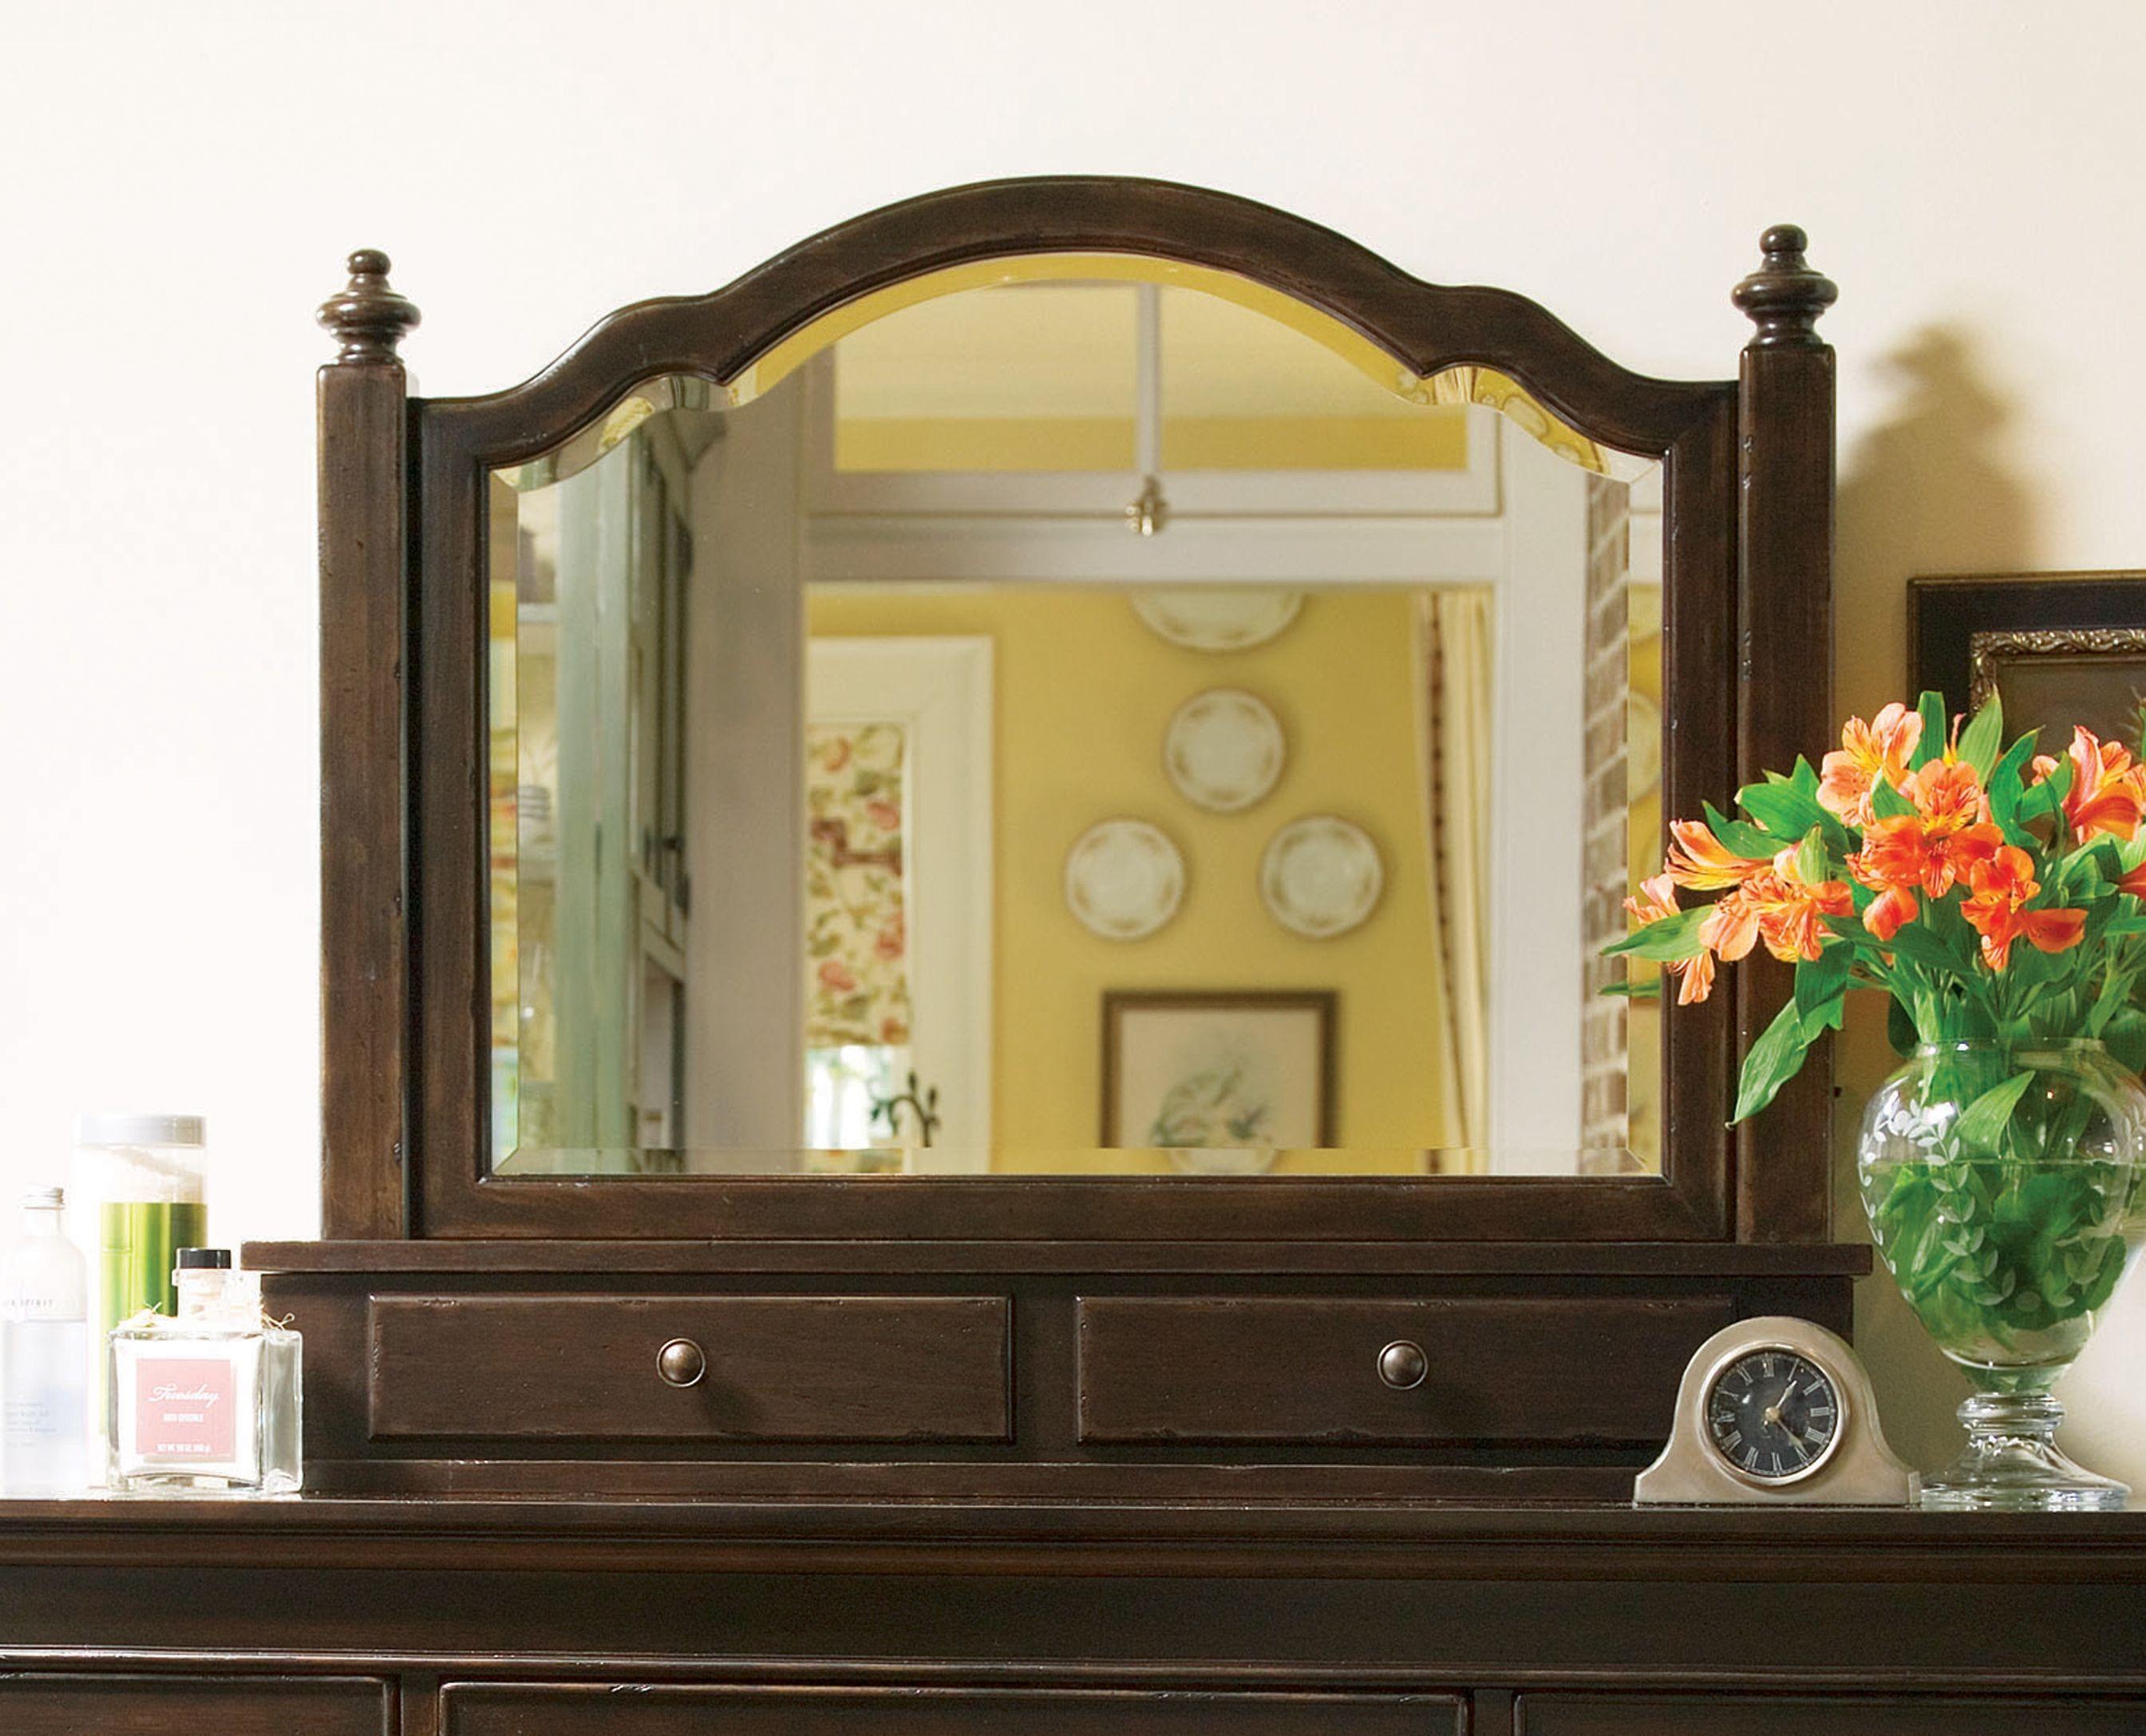 Paula deen home tobacco steel magnolia bedroom set from - Paula deen tobacco bedroom furniture ...